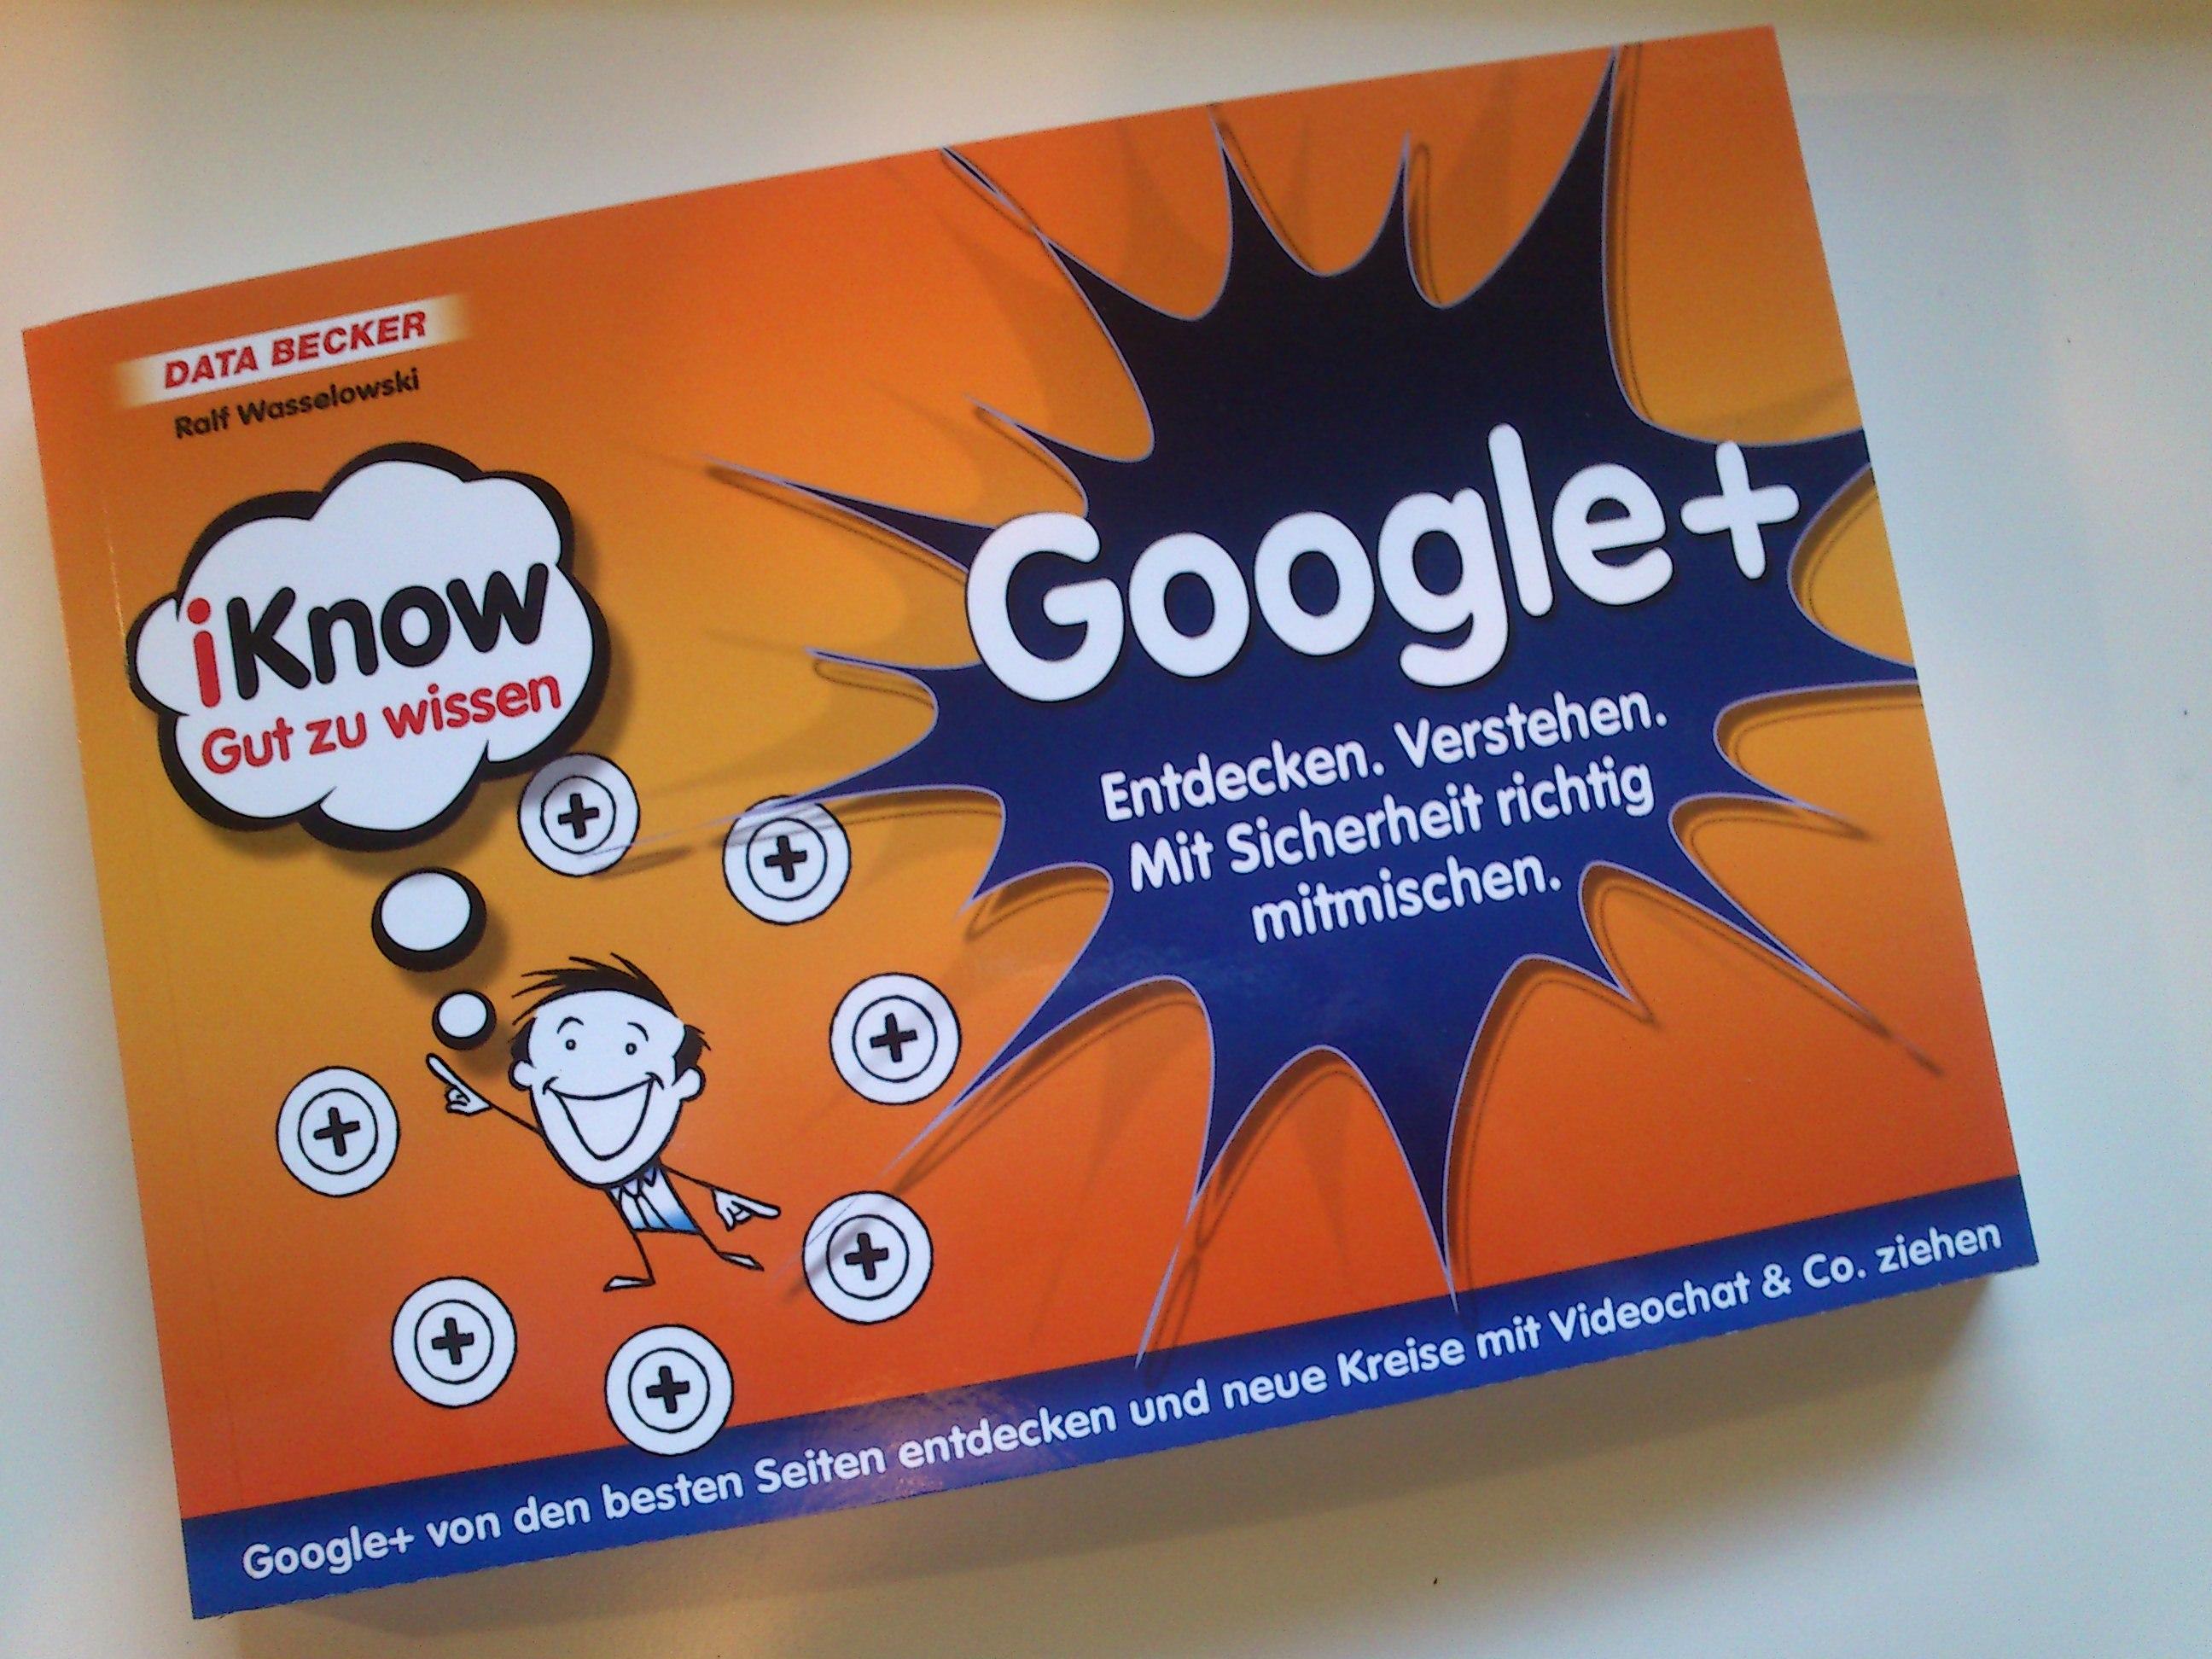 Google Plus Entdecken Verstehen